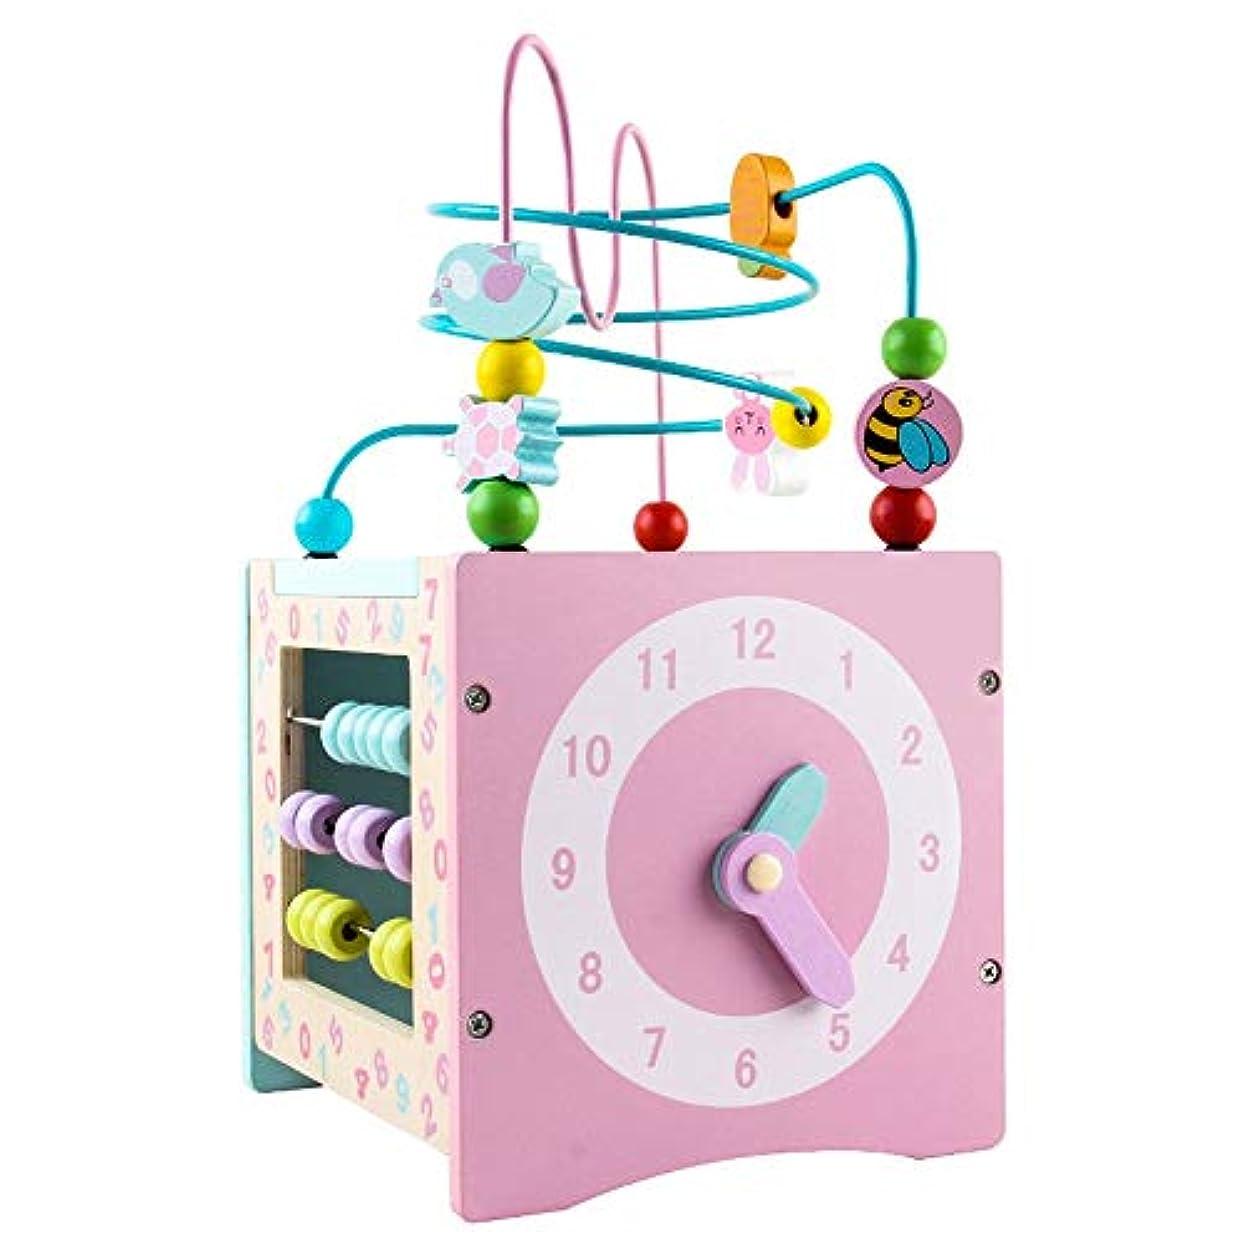 国勢調査ラッカス侵入するビーズコースター ルーピング ビーズ迷路ベビー玩具、Multifuncation教育活動おもちゃ、早期学習活動キューブおもちゃ 子供 知育玩具 (Color : Multi-colored, Size : Free size)